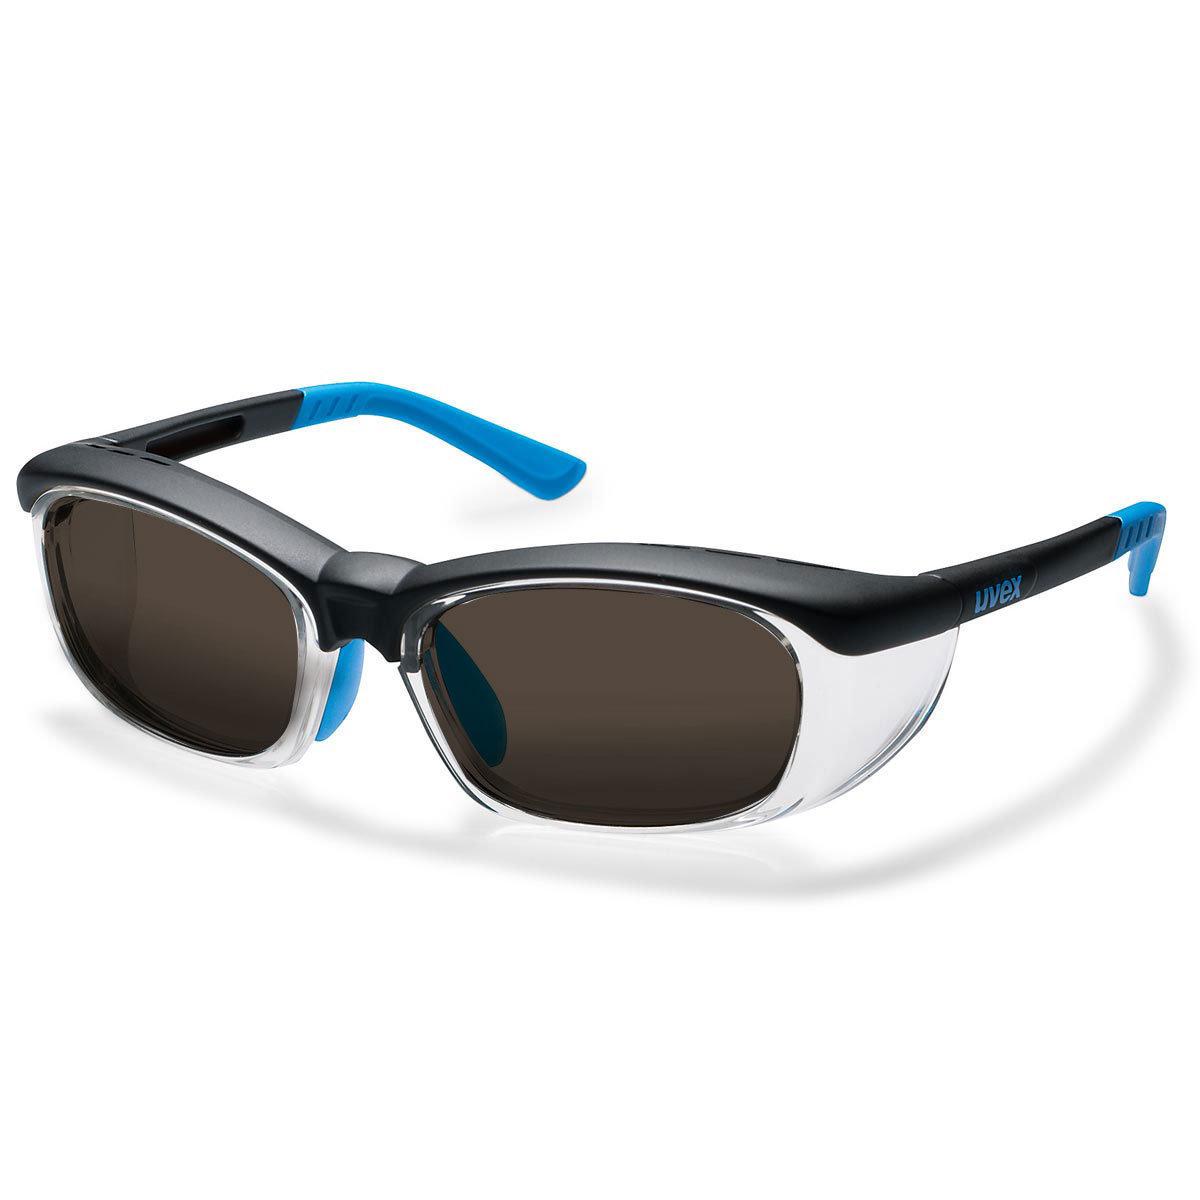 Uvex Korrektionsschutzbrille RX cd 5514 - braun getönt